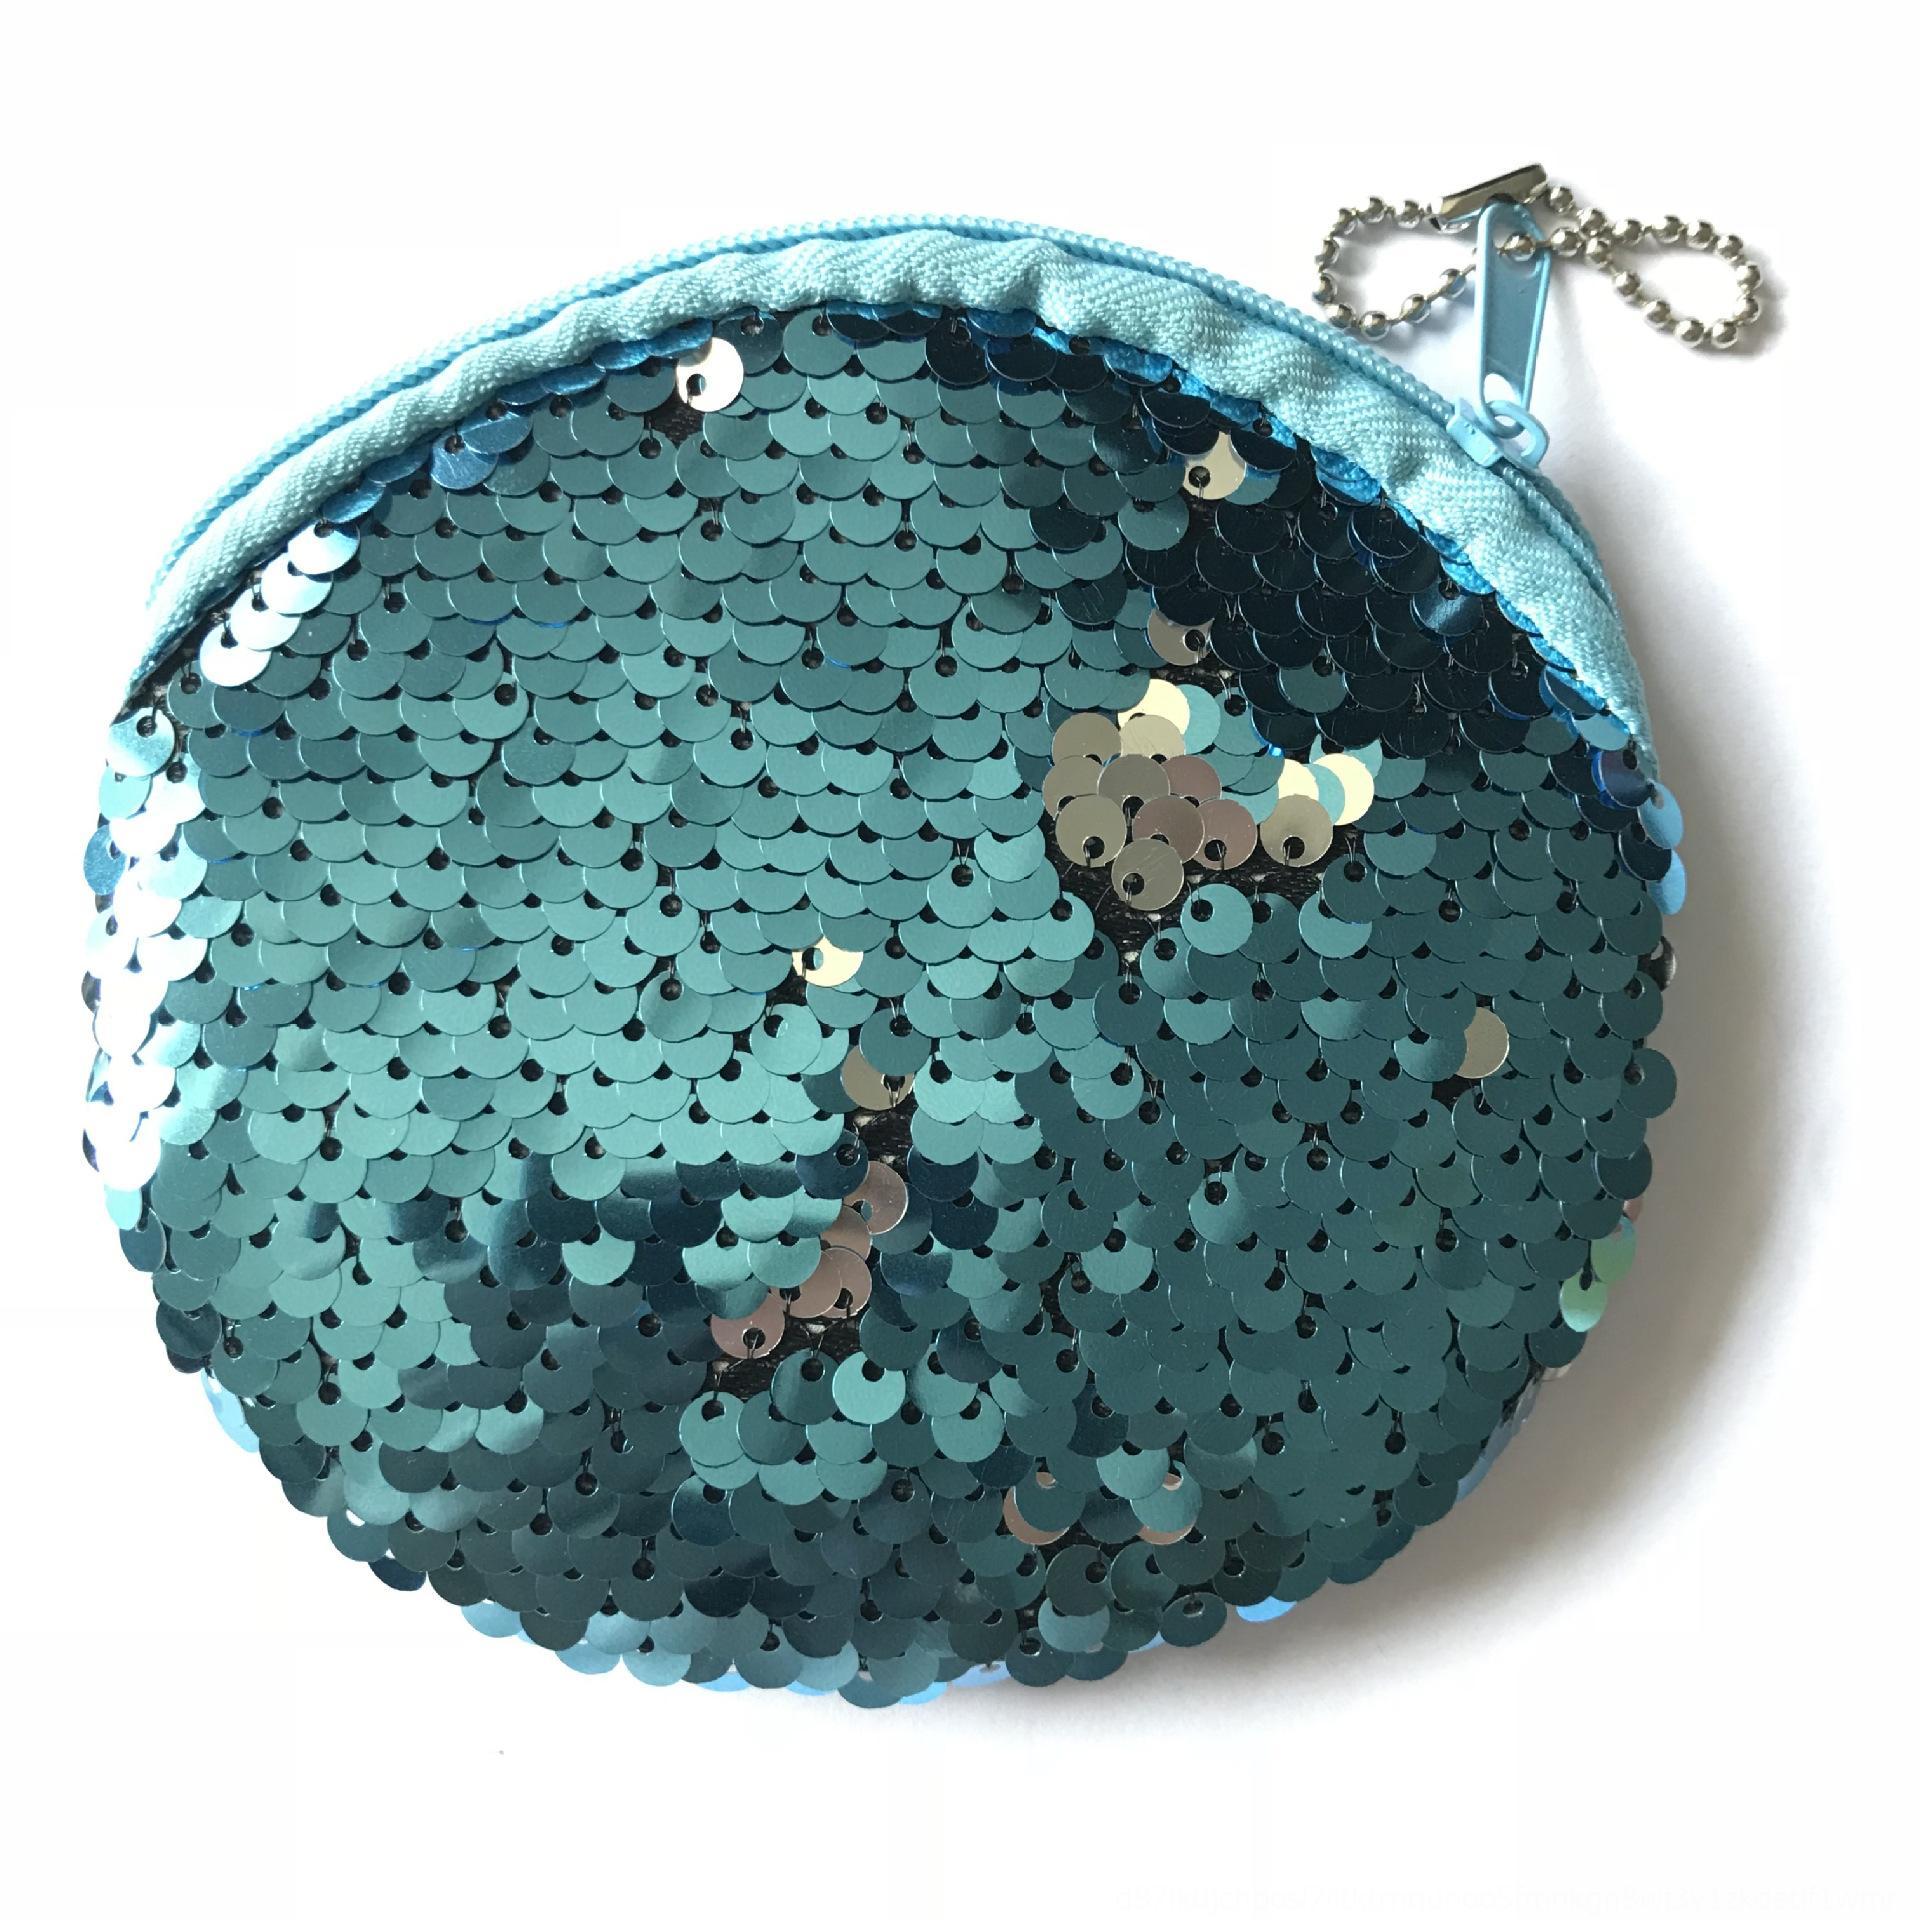 인어 장식 조각 열쇠 고리 동전 저장 이어폰 저장 지갑 플러시 라운드 동전 가방 지퍼 이어폰 가방